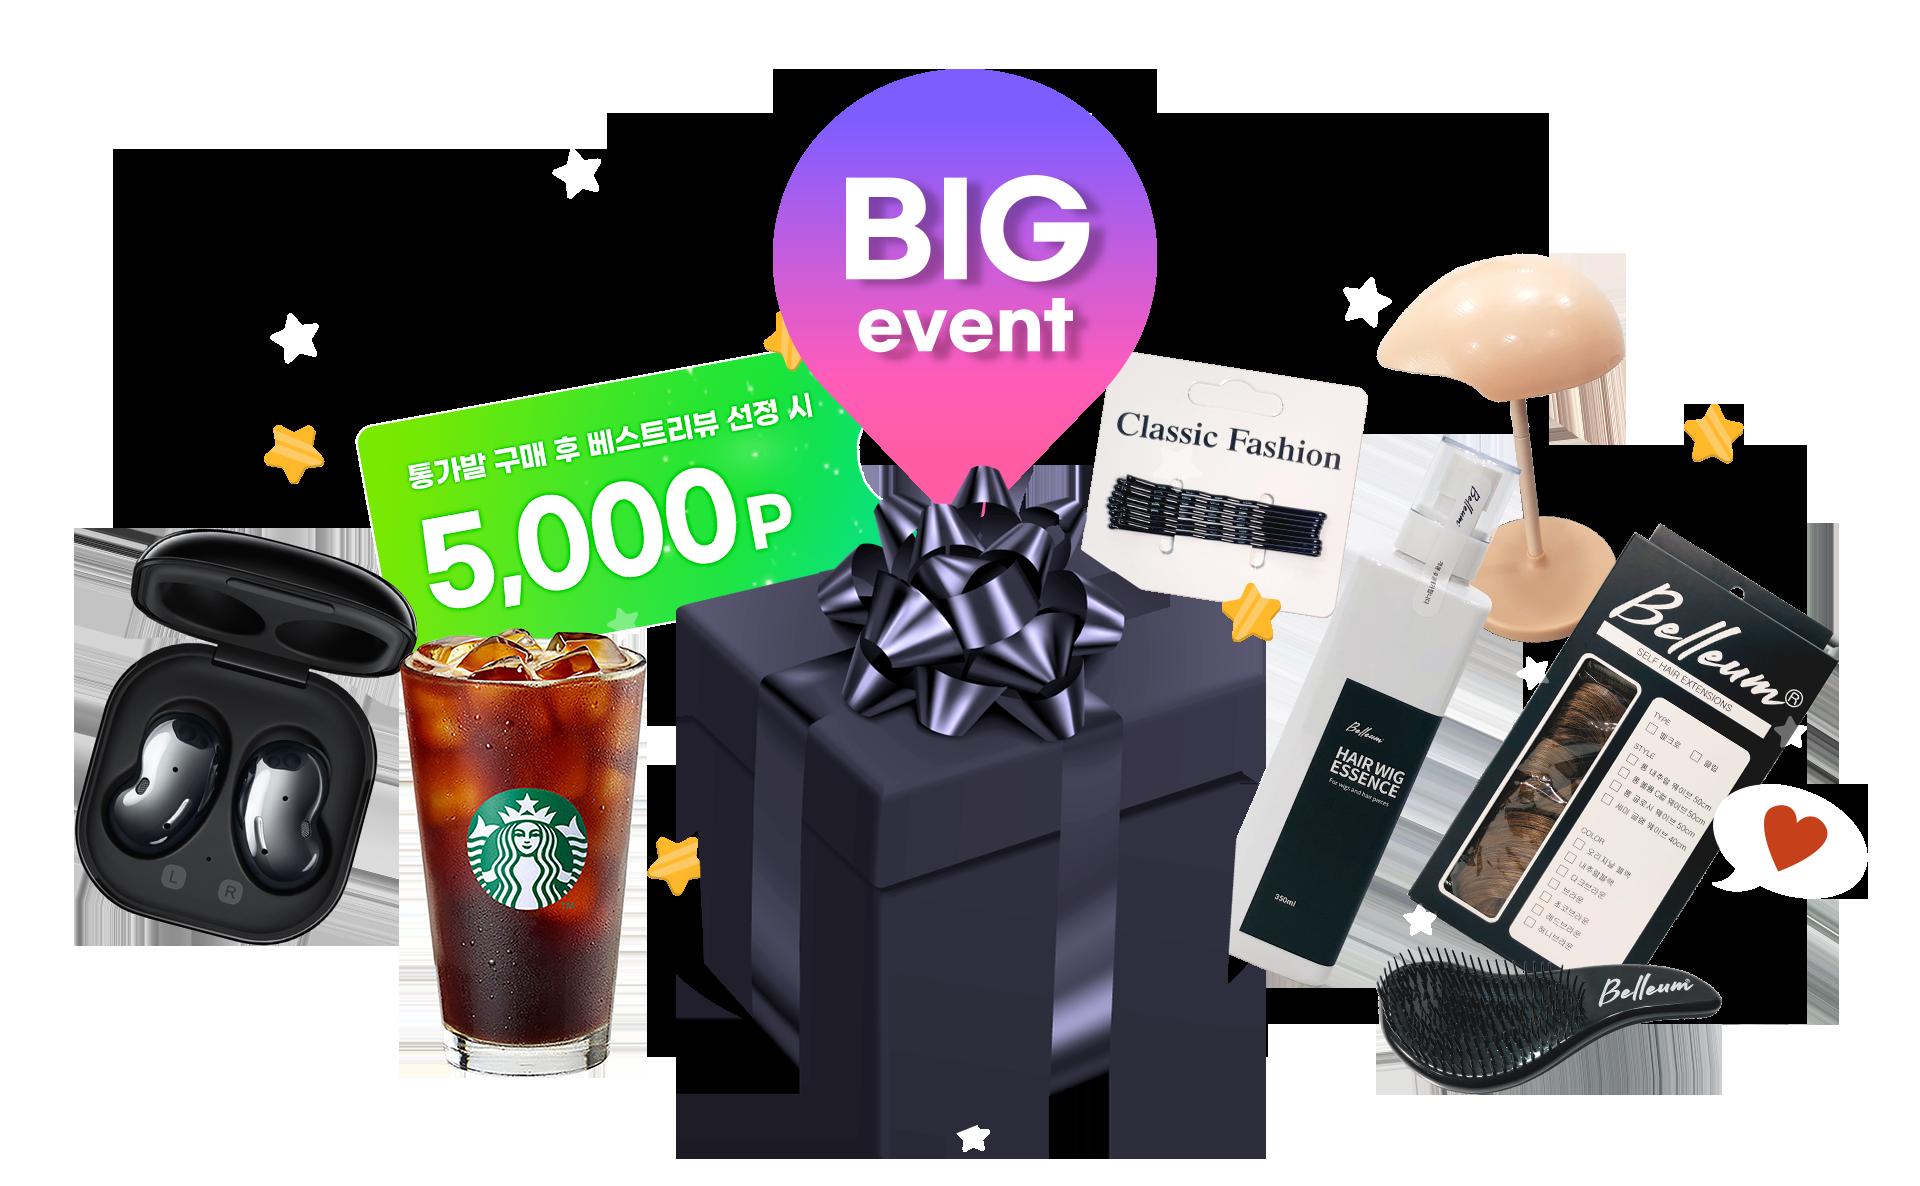 최대 50% 할인 + 베스트리뷰 선정 5,000포인트 지급 + 추첨이벤트 진행중!